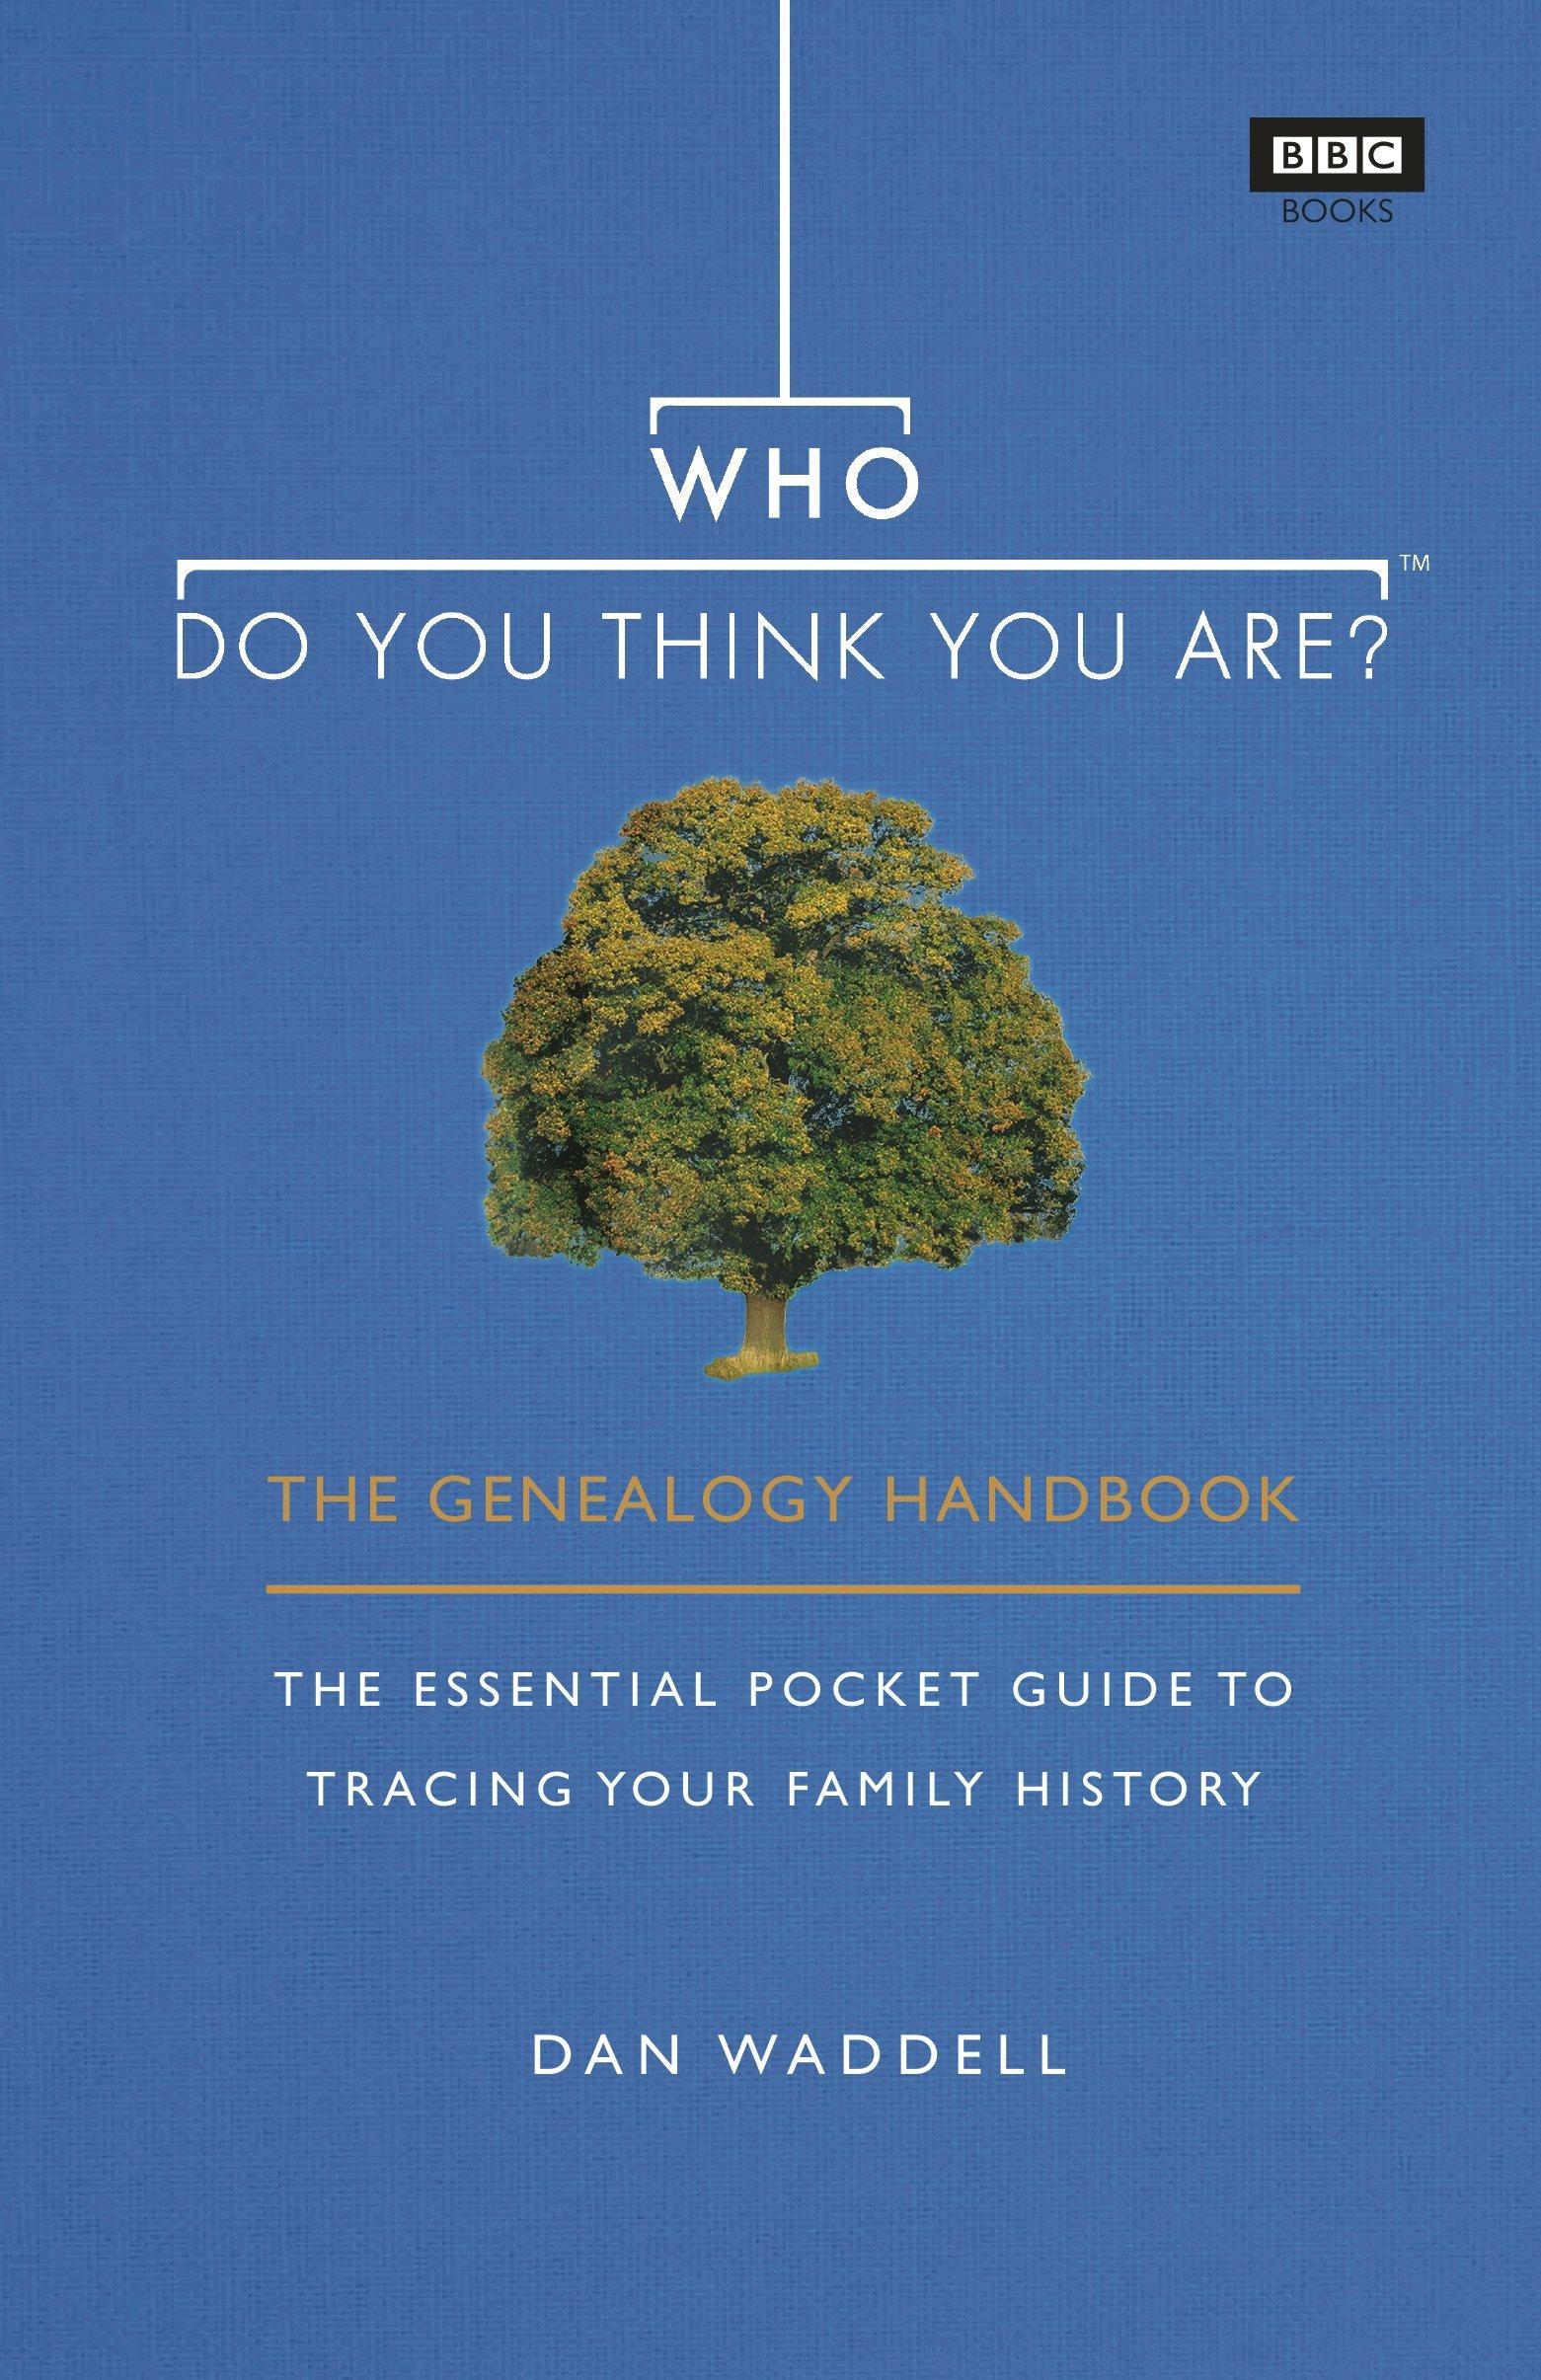 The Genealogy Handbook: Amazon.co.uk: Dan Waddell: 9781785943423: Books